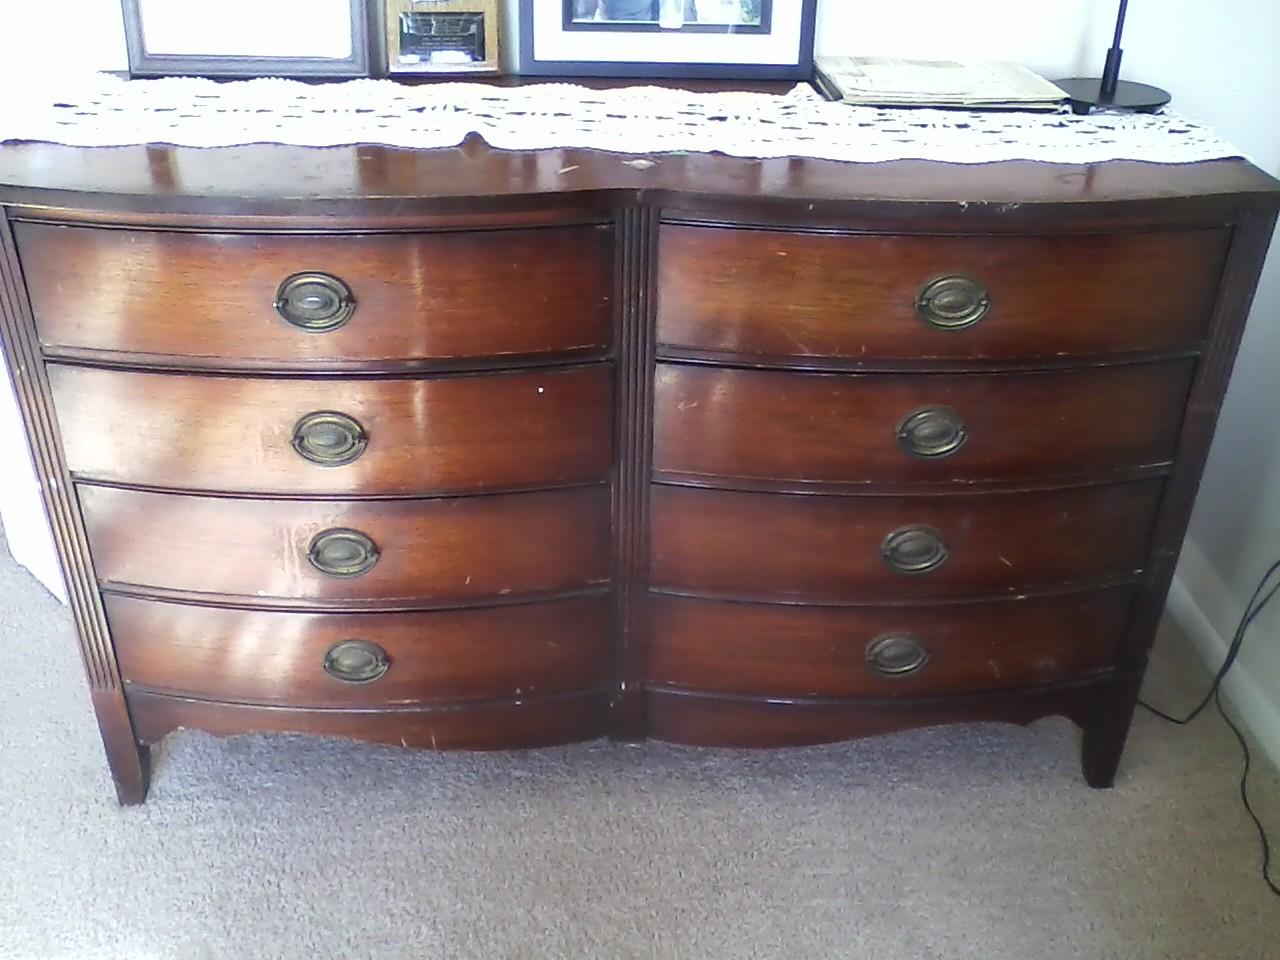 Deco Bedroom Set 1940 s Double 1940s Bedroom Furniture. 1940s Bedroom Furniture